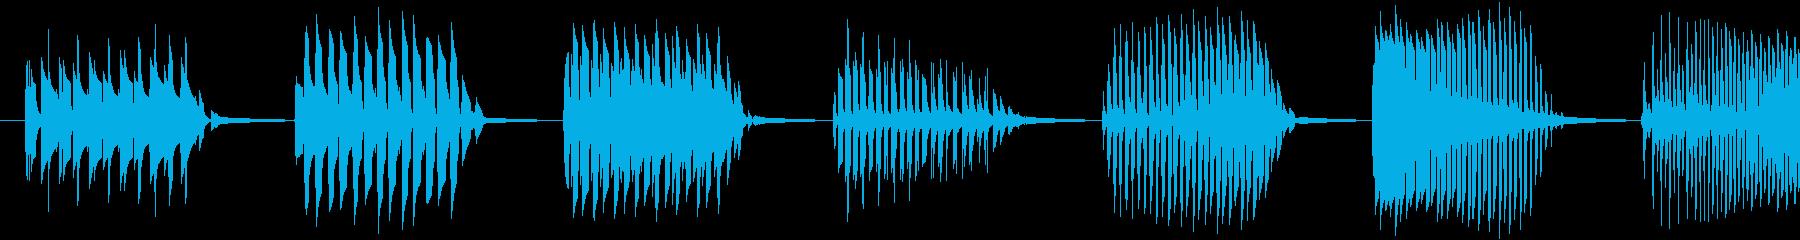 【クイズ】キレの良い出題音の再生済みの波形